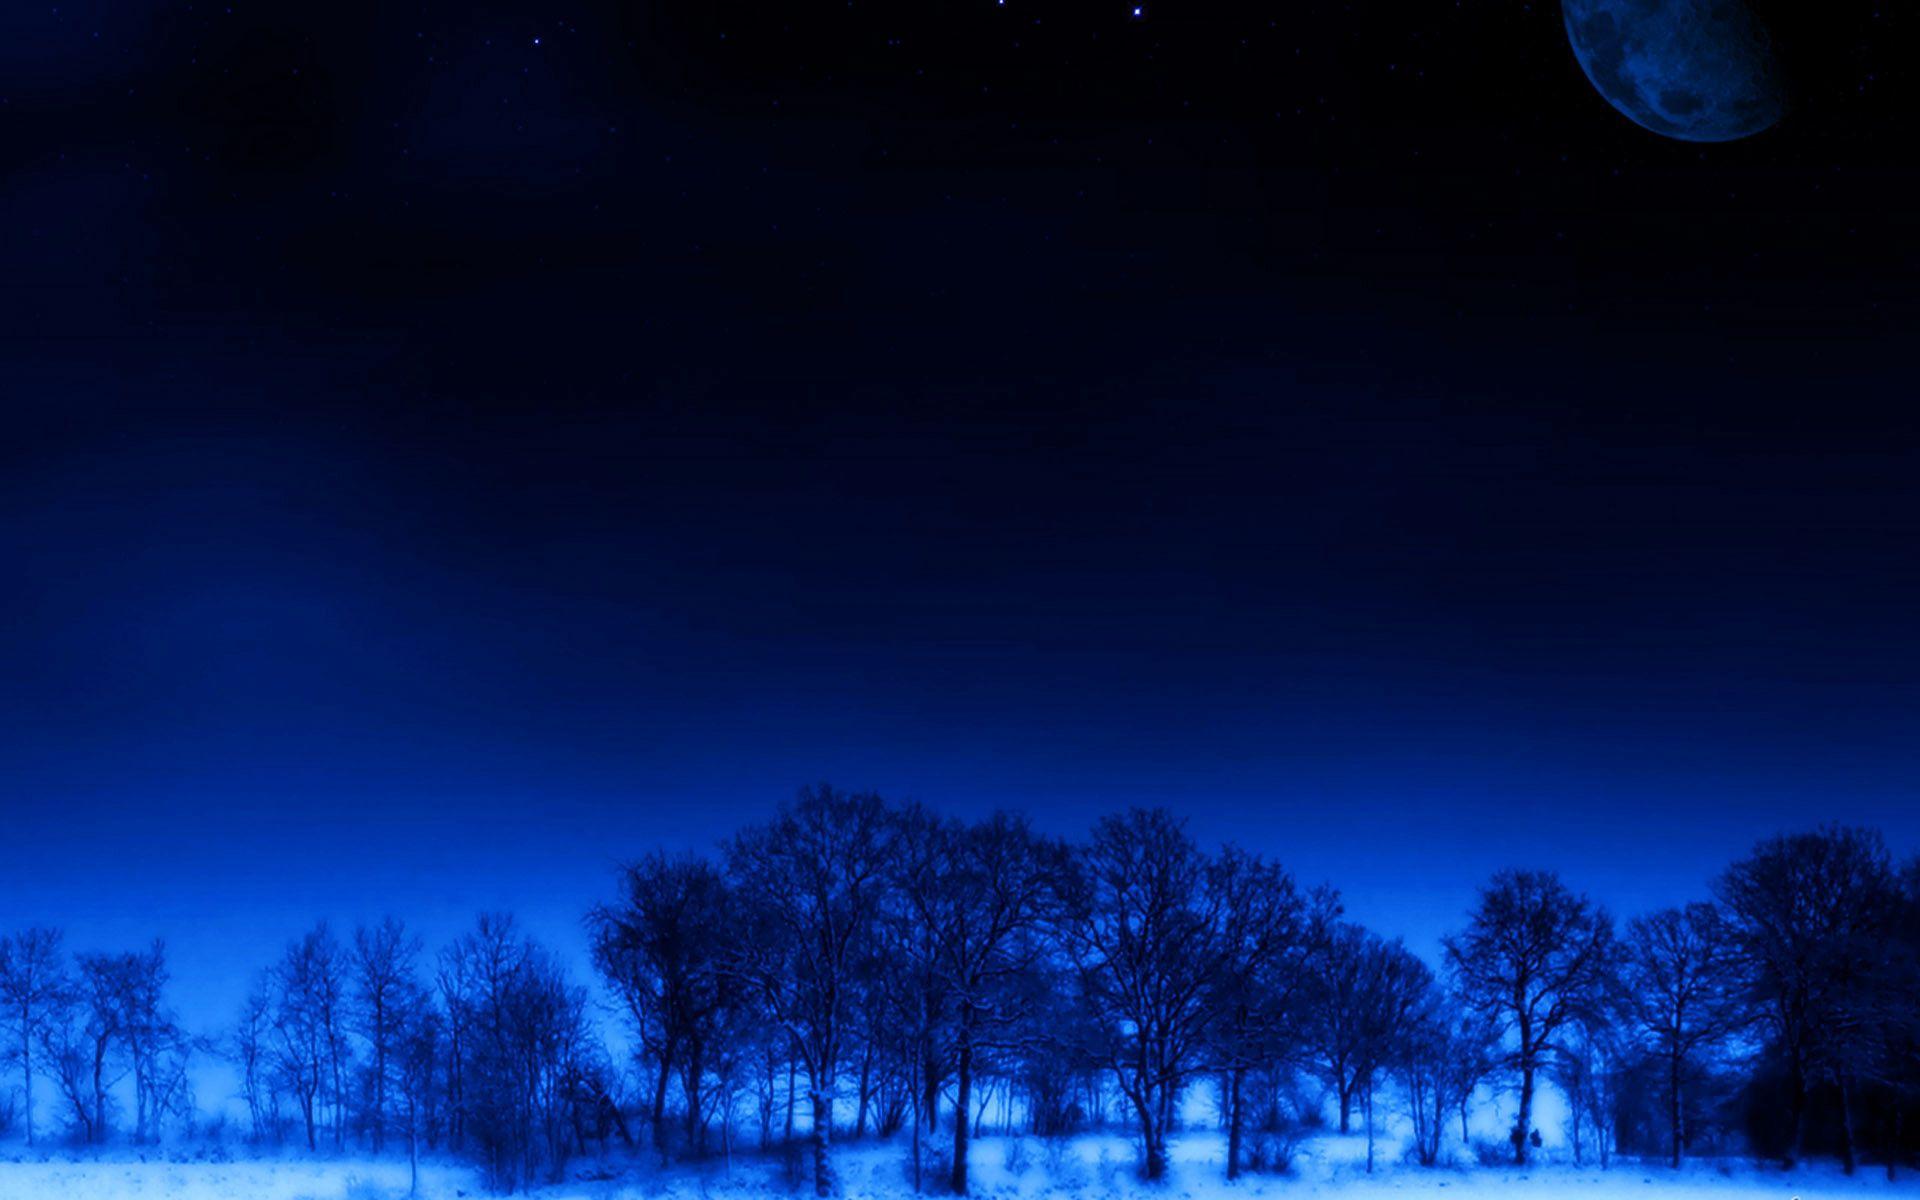 59636 скачать обои Природа, Ночь, Луна, Деревья, Сон, Звезды - заставки и картинки бесплатно